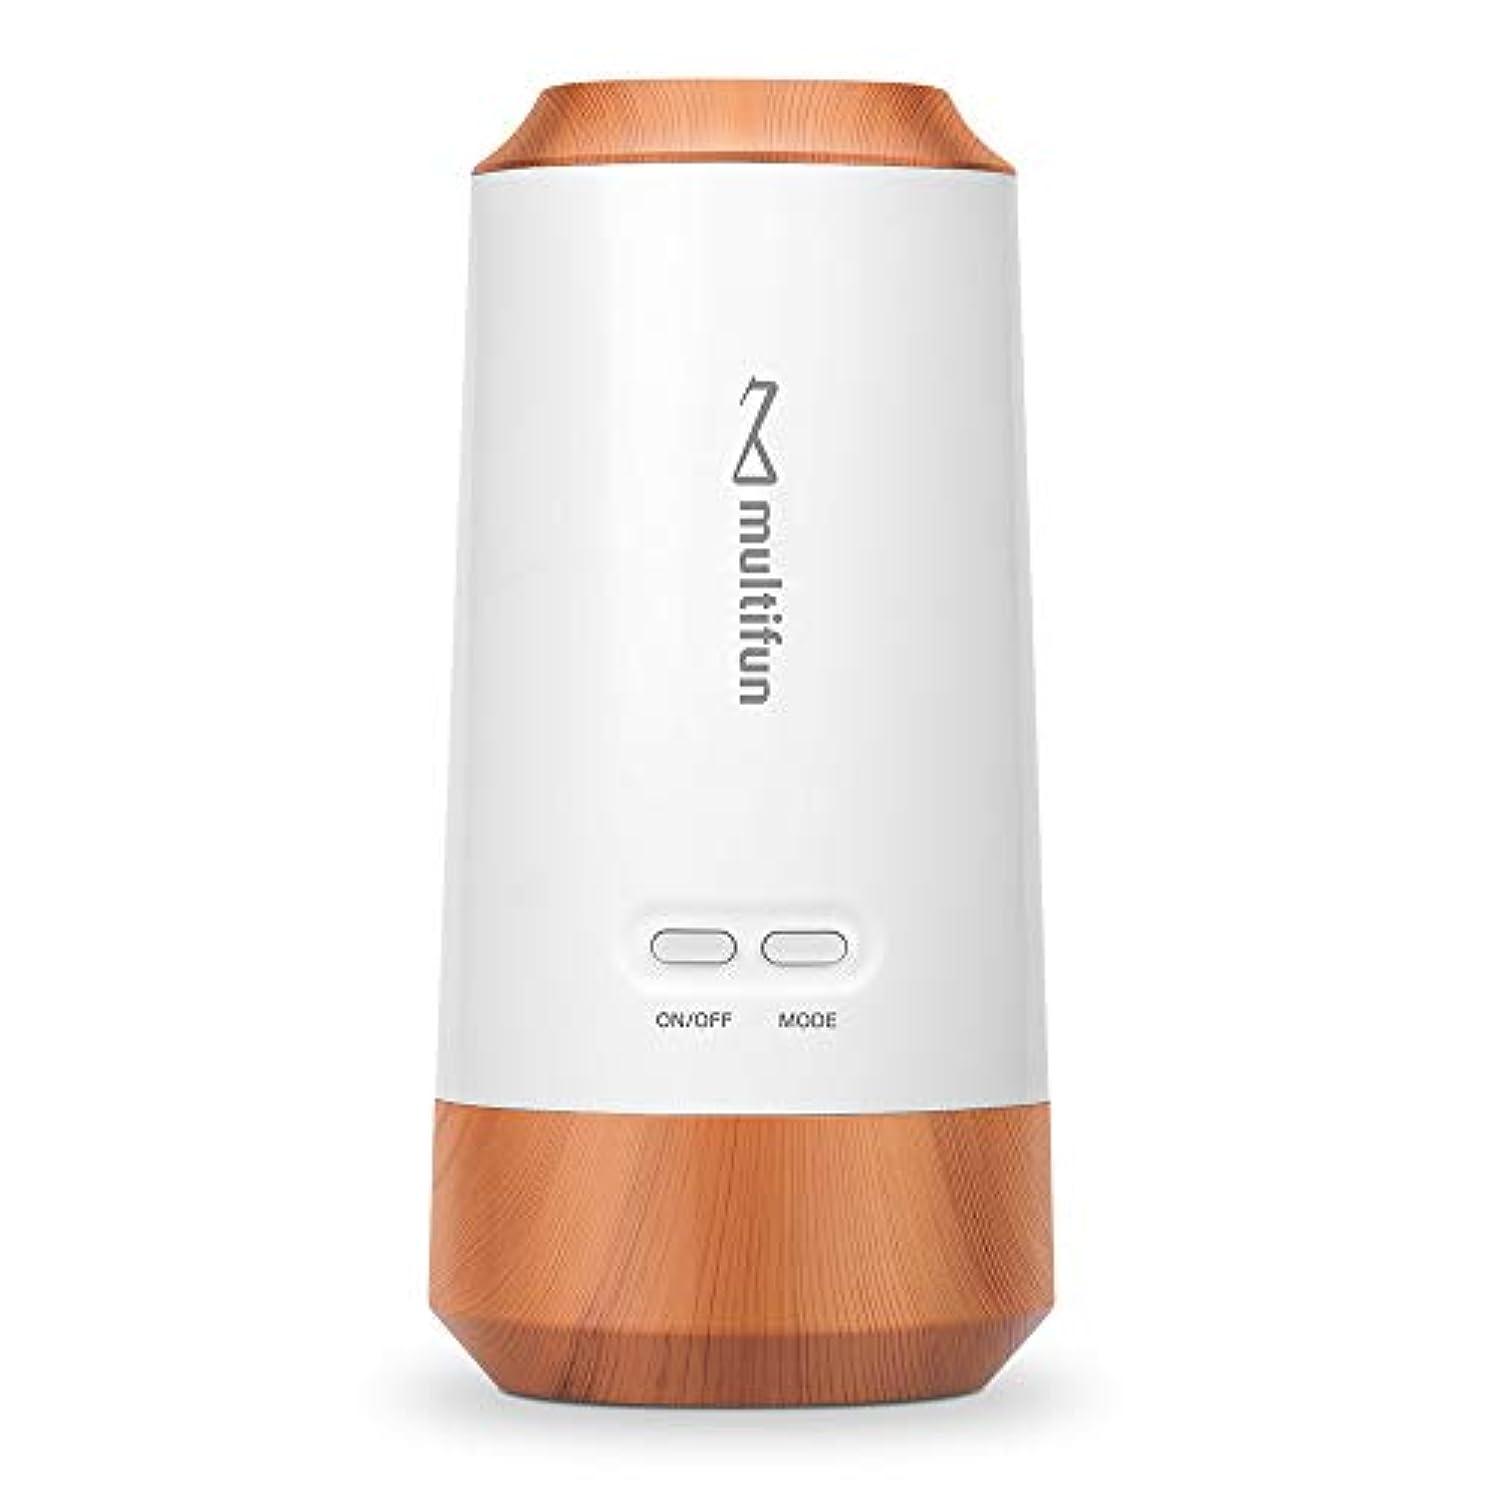 バタフライ免疫するライブmultifun アロマディフューザー ネブライザー式 気化式 車載用 コードレス 水を使わない 充電式 静音 車用 10mlアロマ320時間使える 精油瓶1個 スポイト付き 6畳~9畳まで